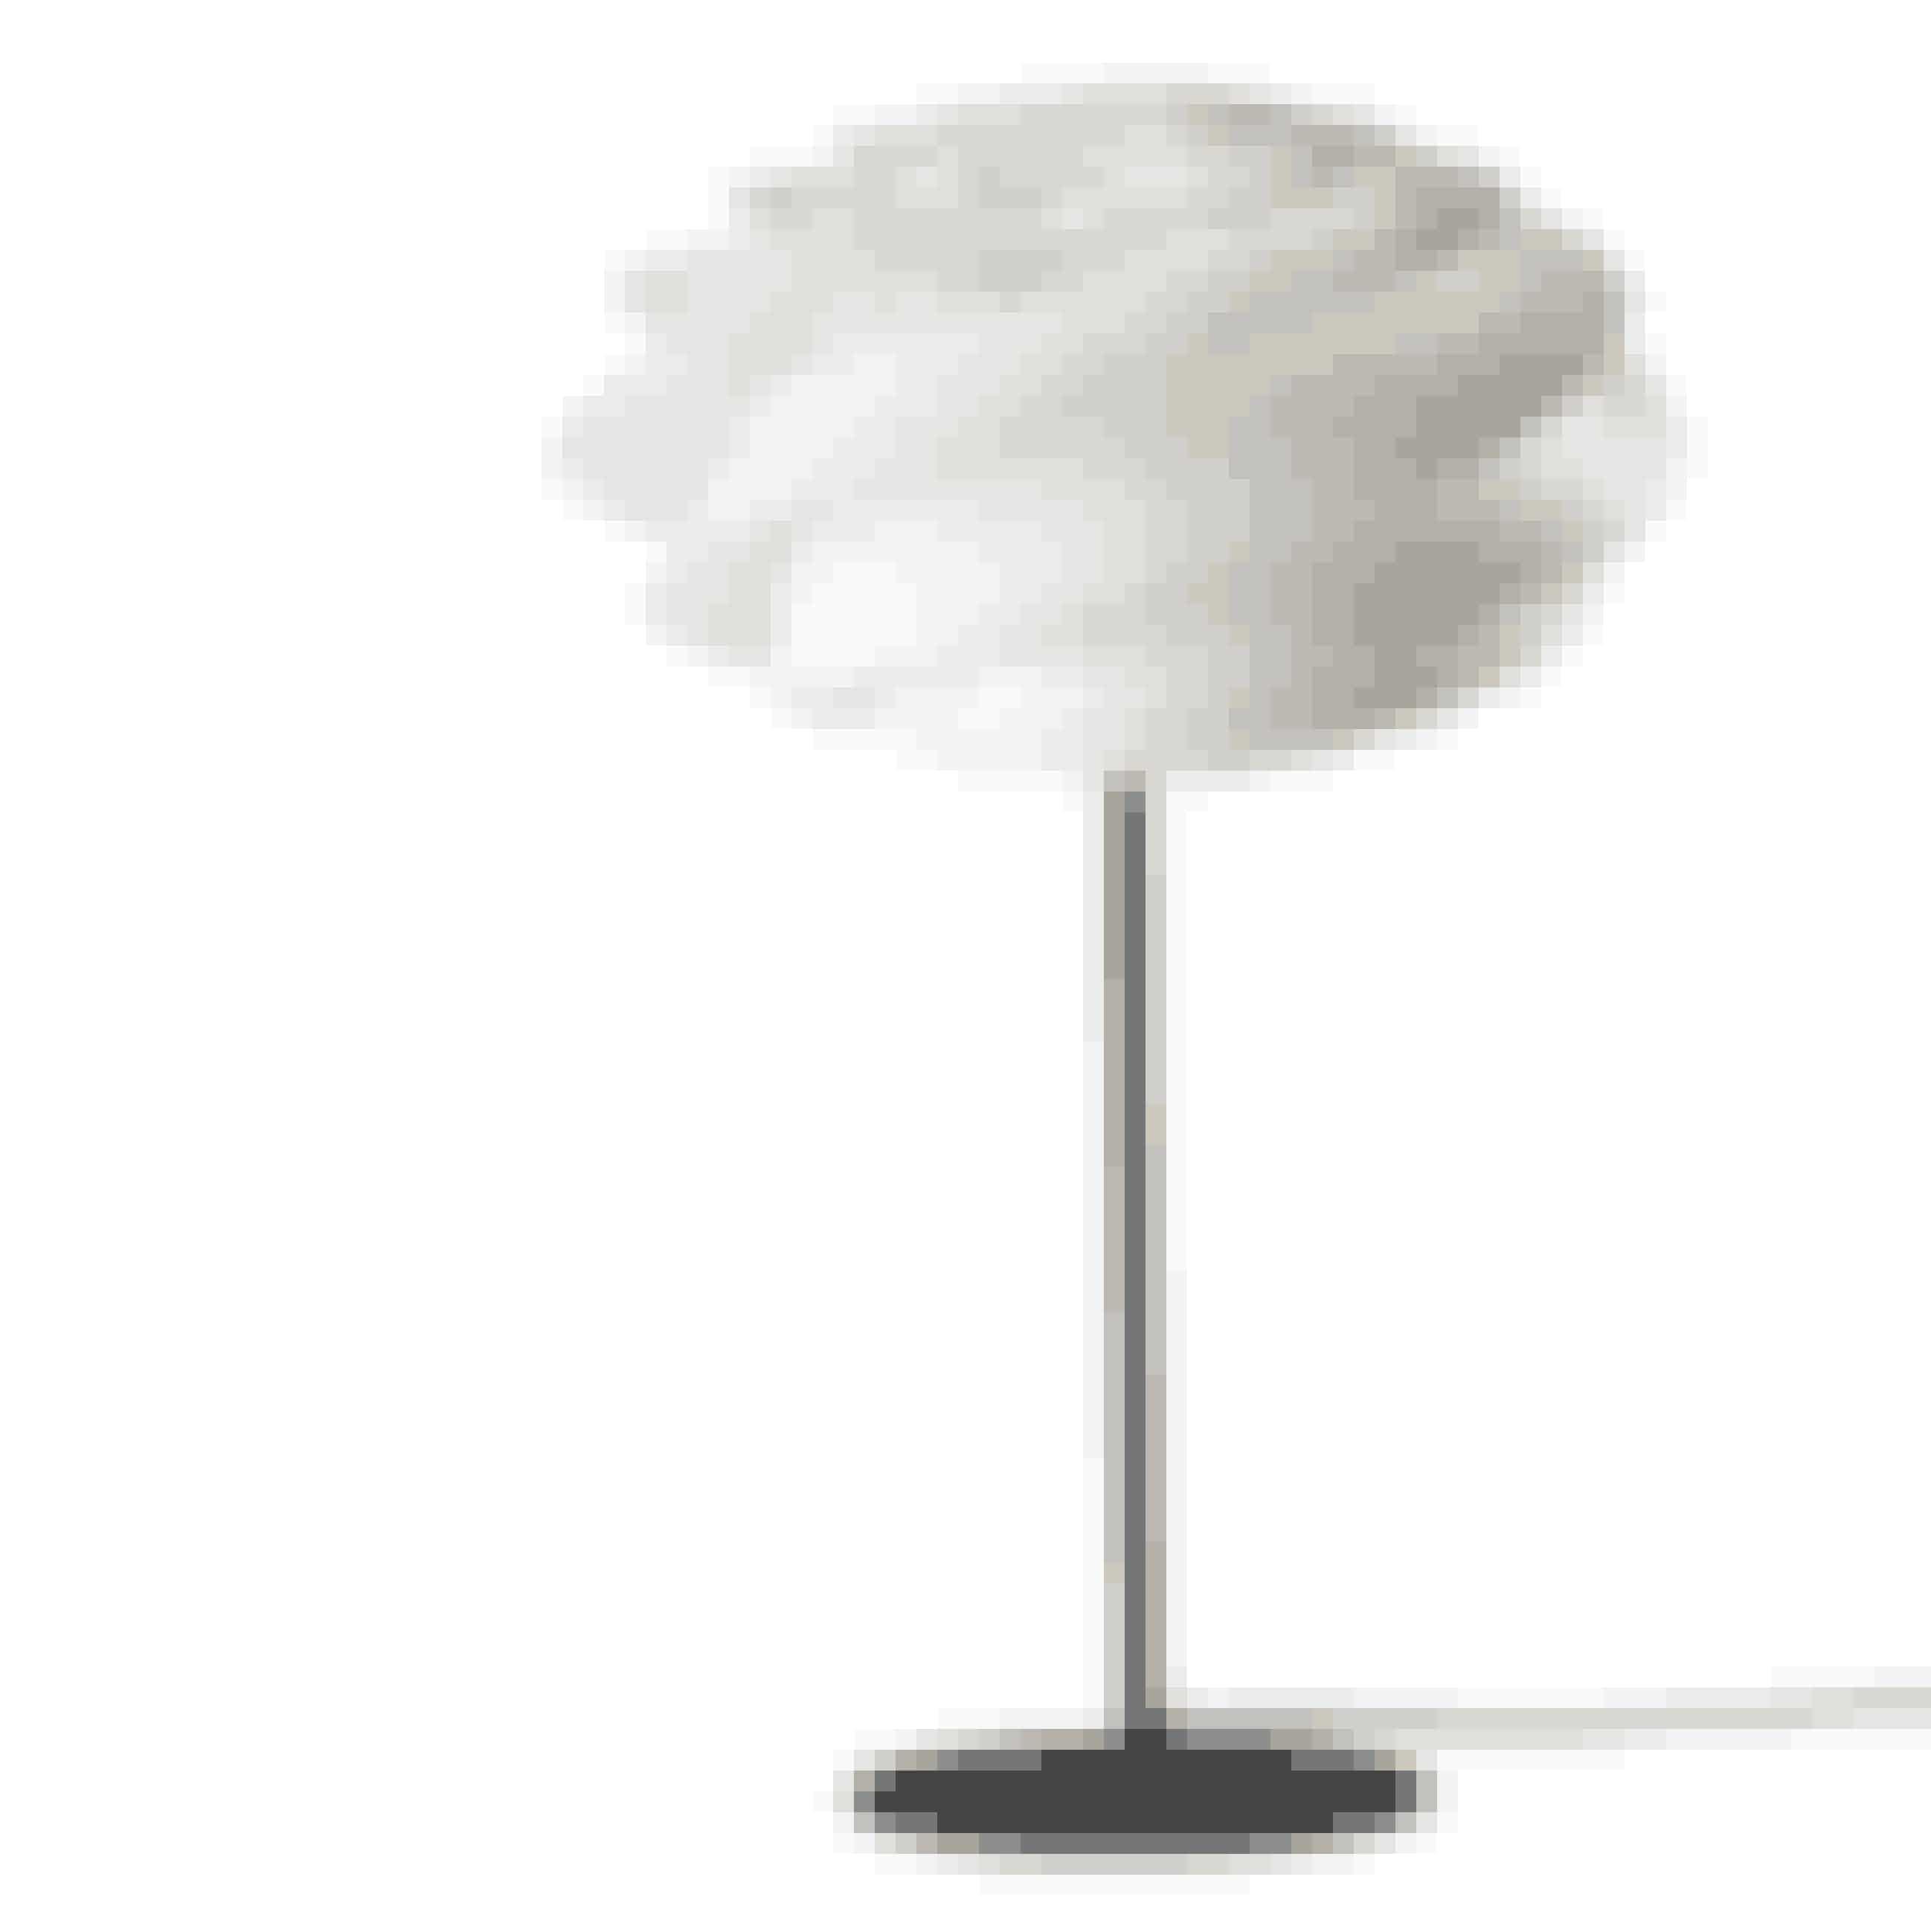 Bordlampe, Swirl, h 50 cm, diam. 32 cm, 2.995 kr. Le Klint.